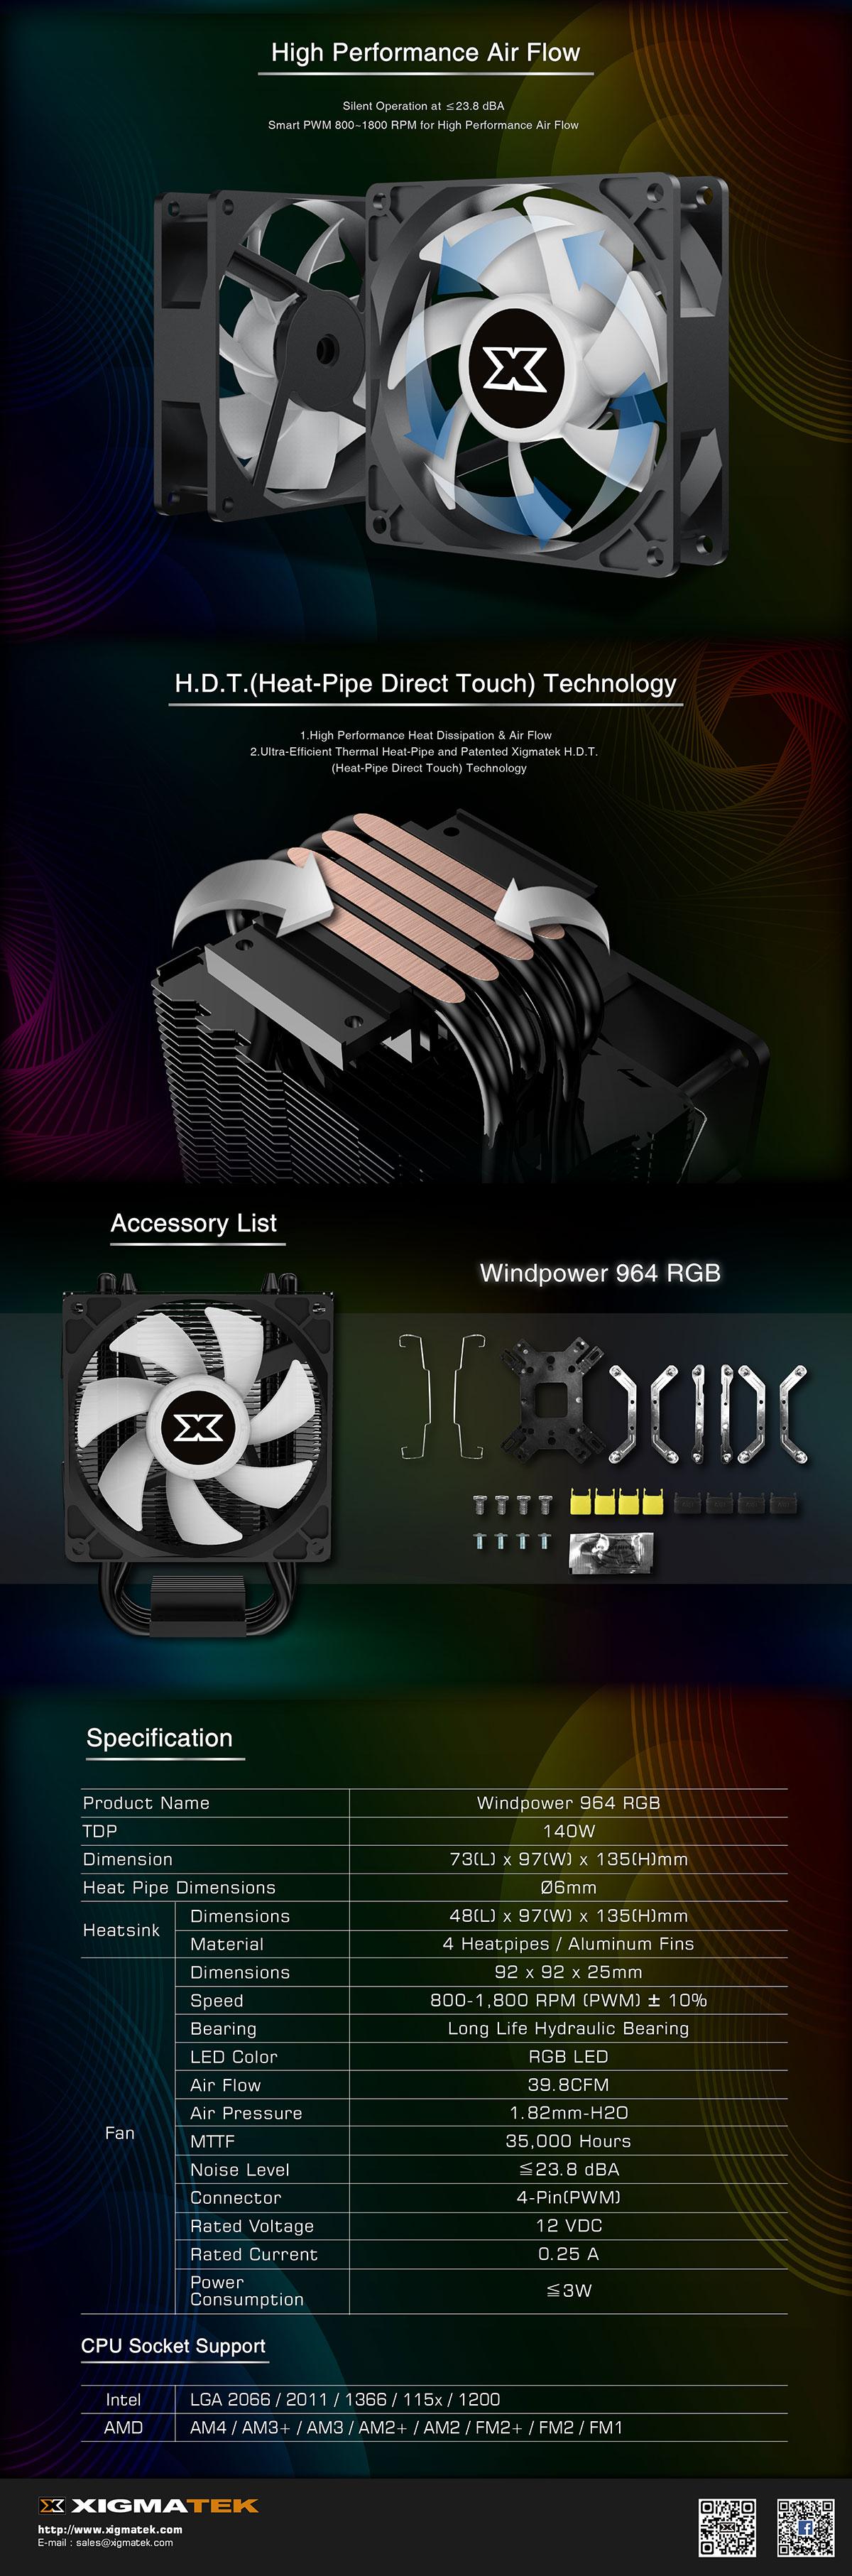 Xigmatek Windpower 964 RGB Cooler - EN45778 18